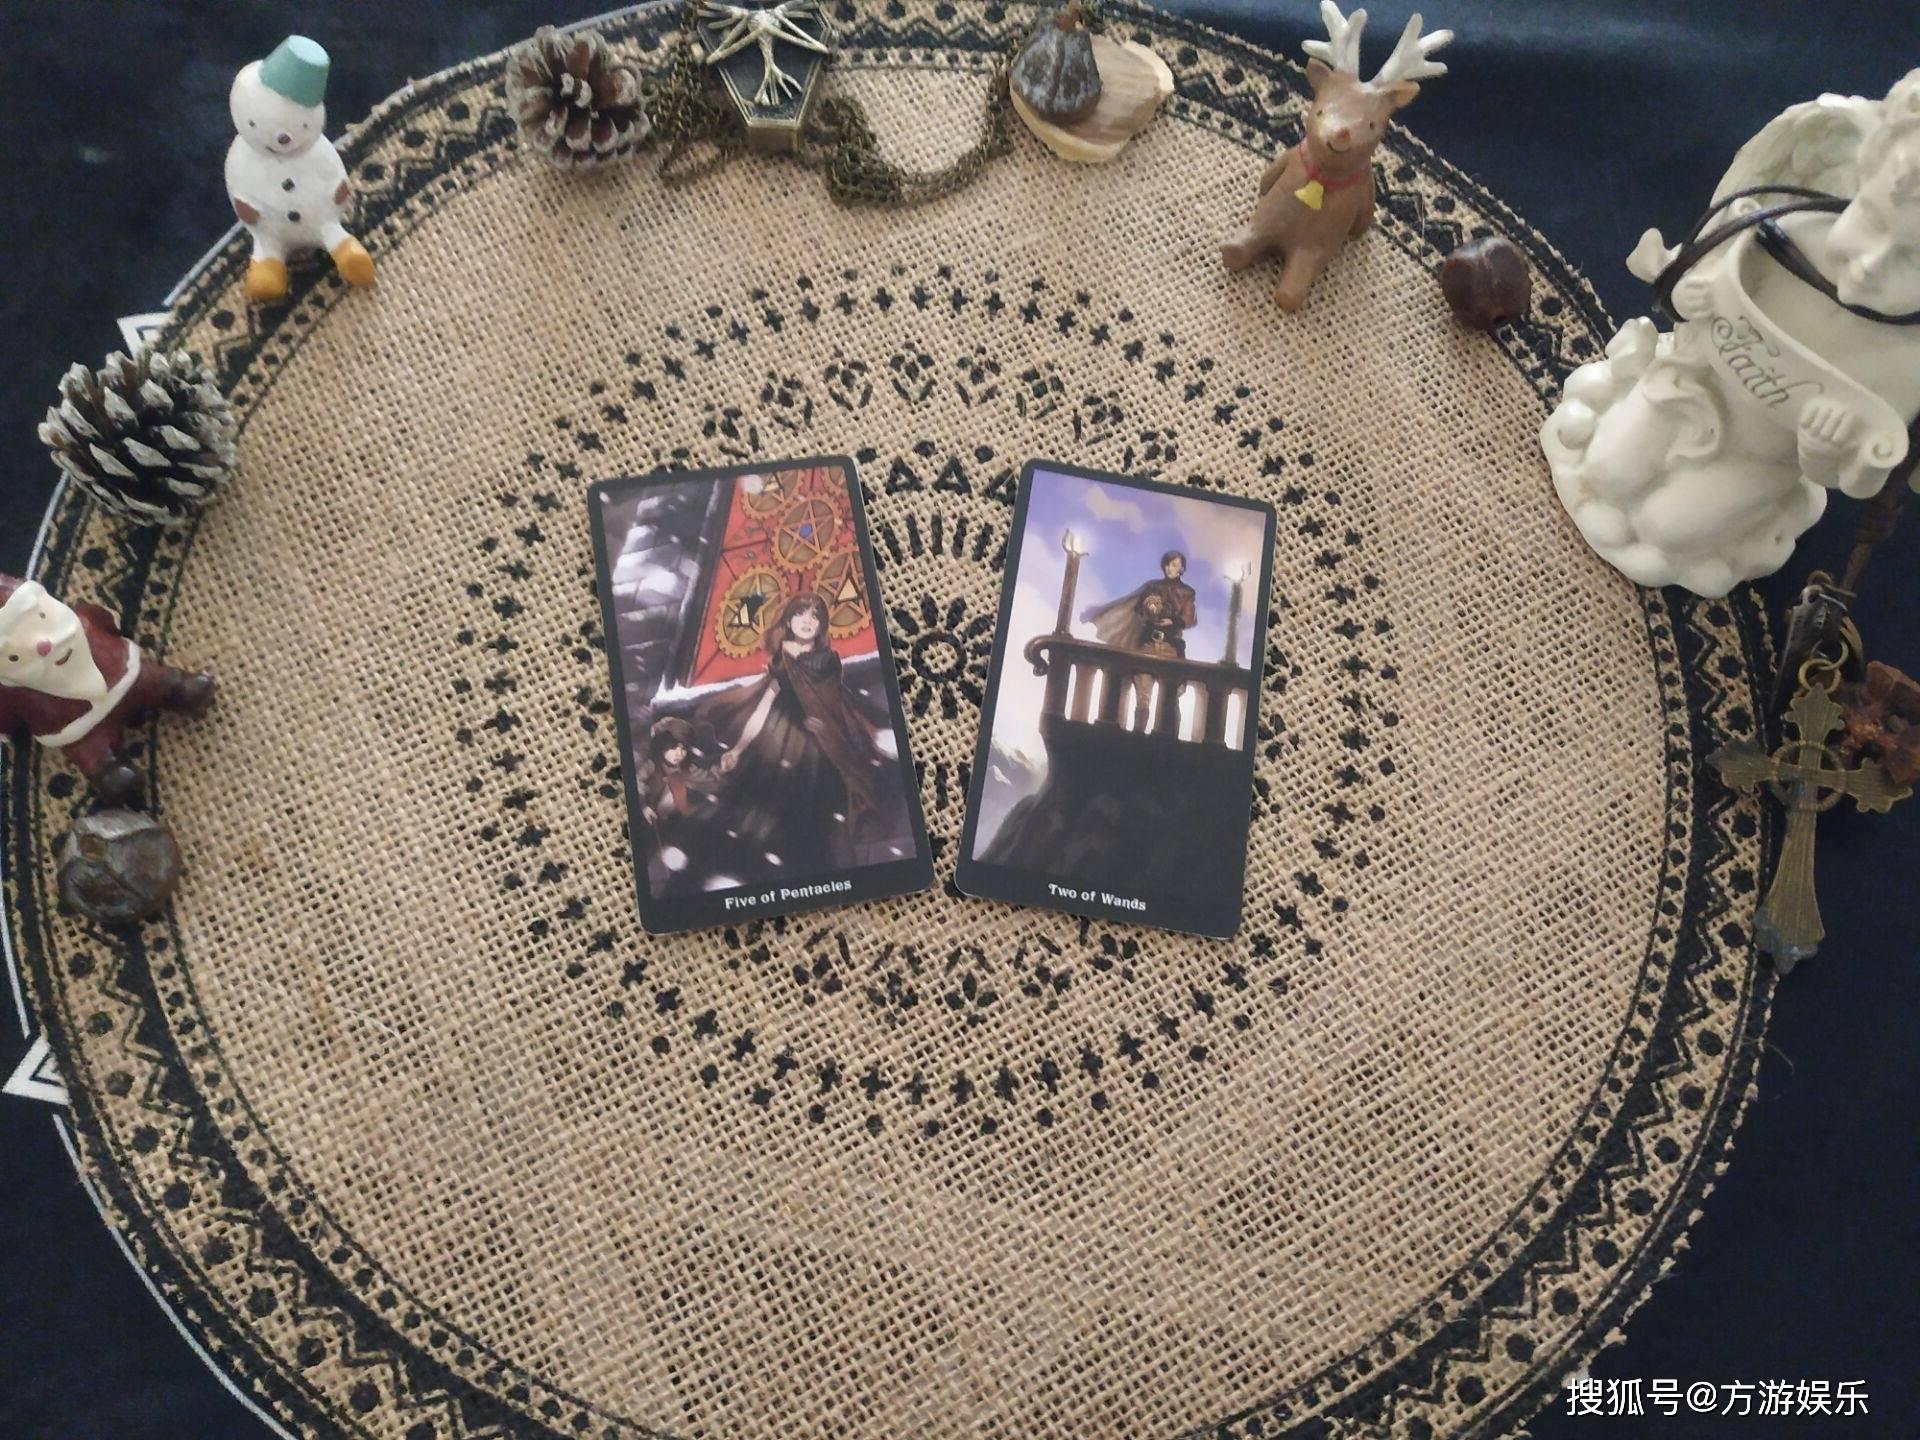 神域塔罗:双子座十月运势:不知收敛爱瞎撩,残忍的真相等着揭破